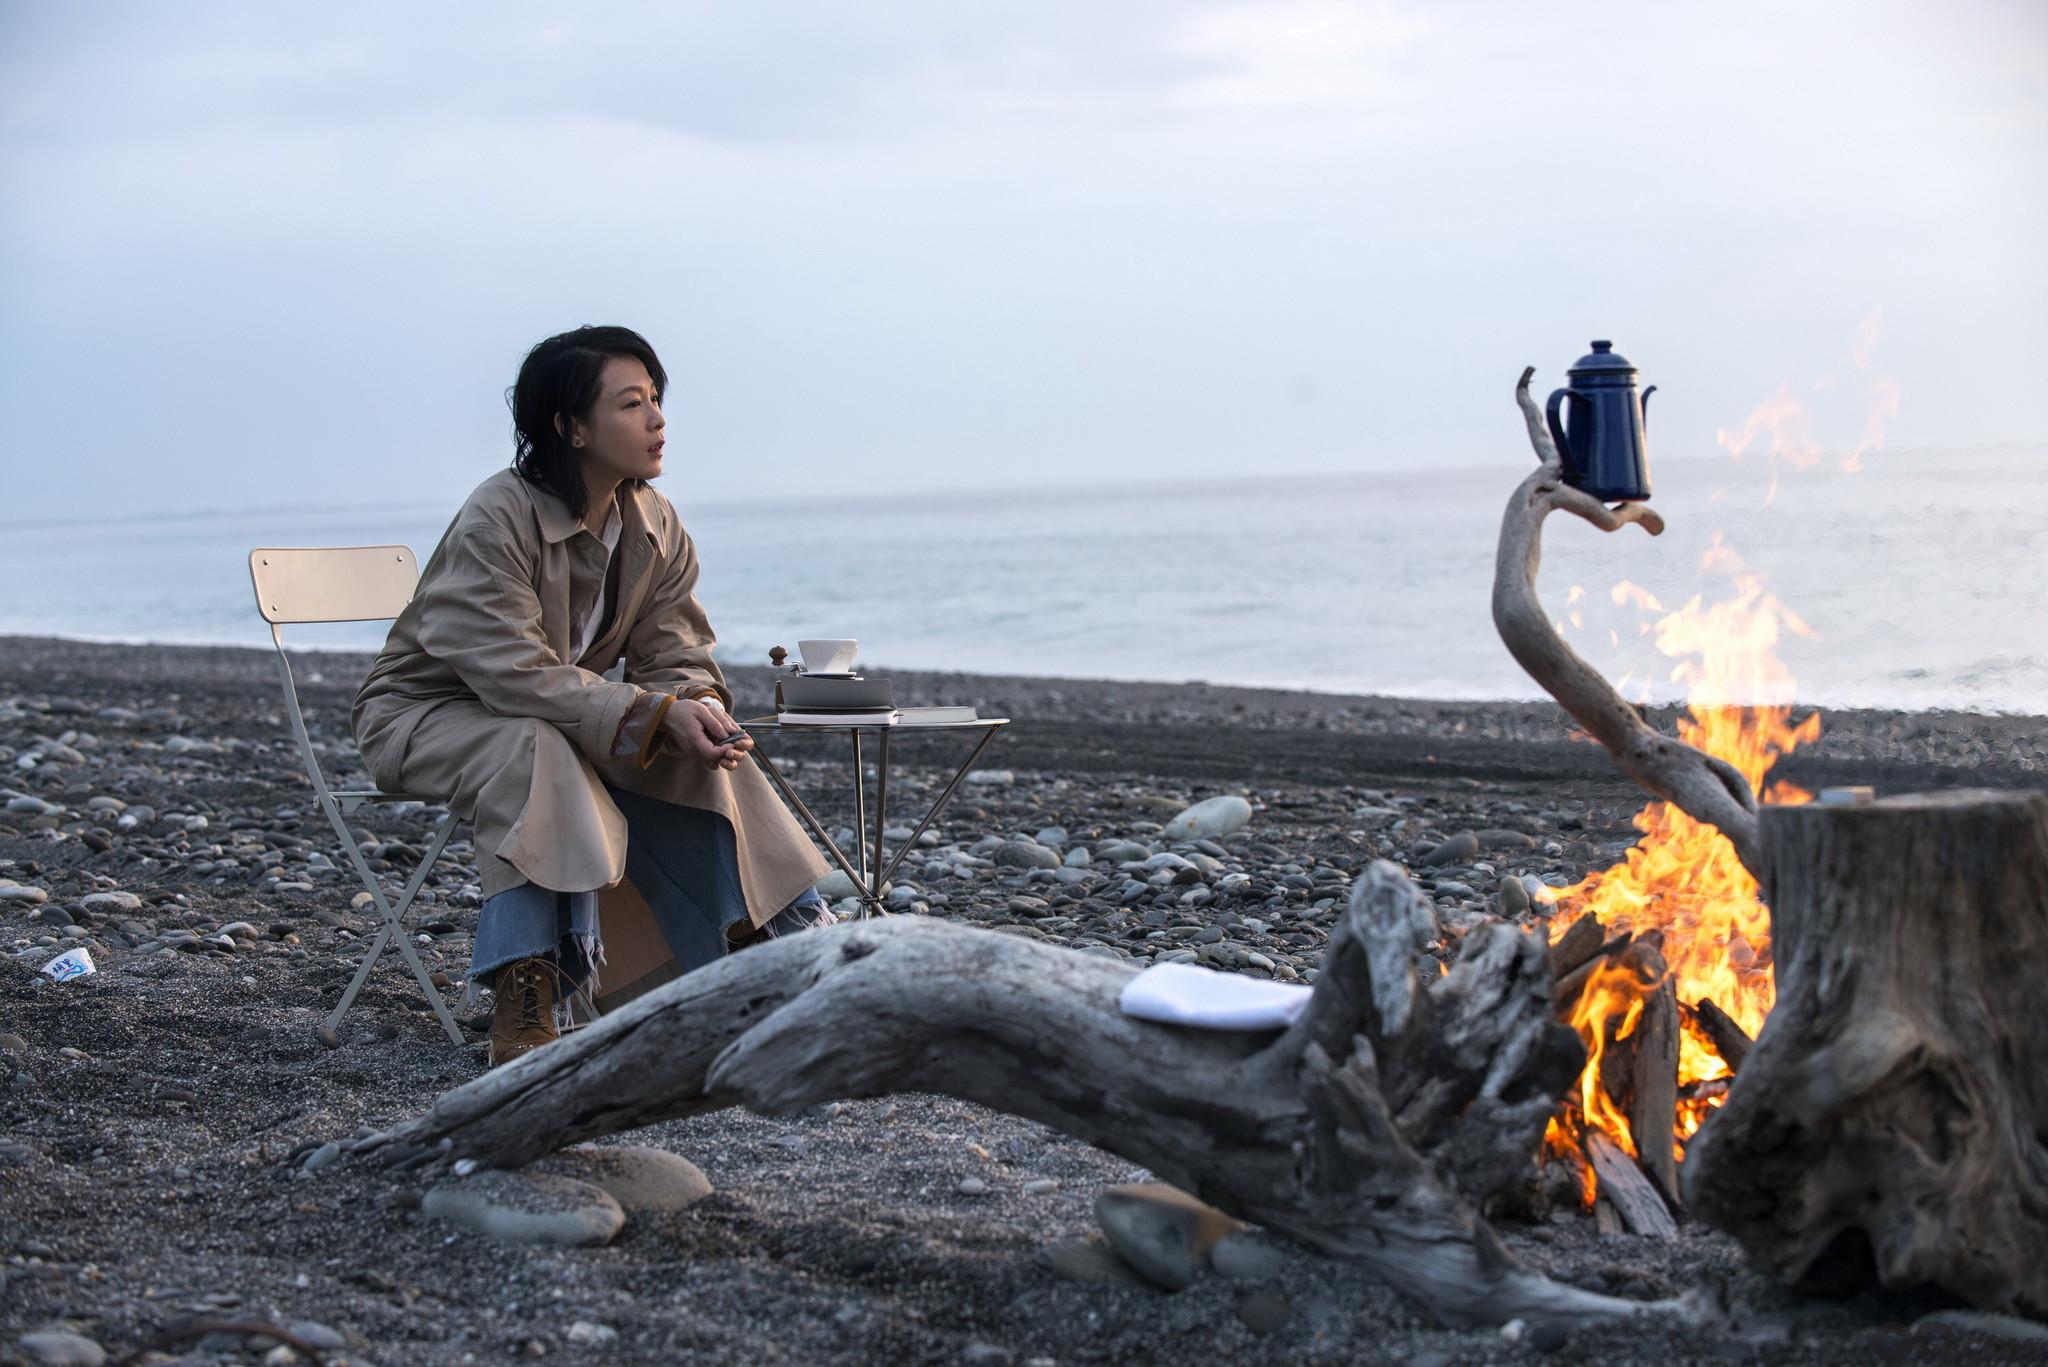 """近日,刘若英在个唱之余又投入到了新剧本的创作中,她说:""""我以前有写过电影《20 30 40》和电影《生日快乐》的故事,但这次是真正第一次这么的靠我自己,累积了一些经验,觉得是时候跟更多人一起做点什么了。"""""""